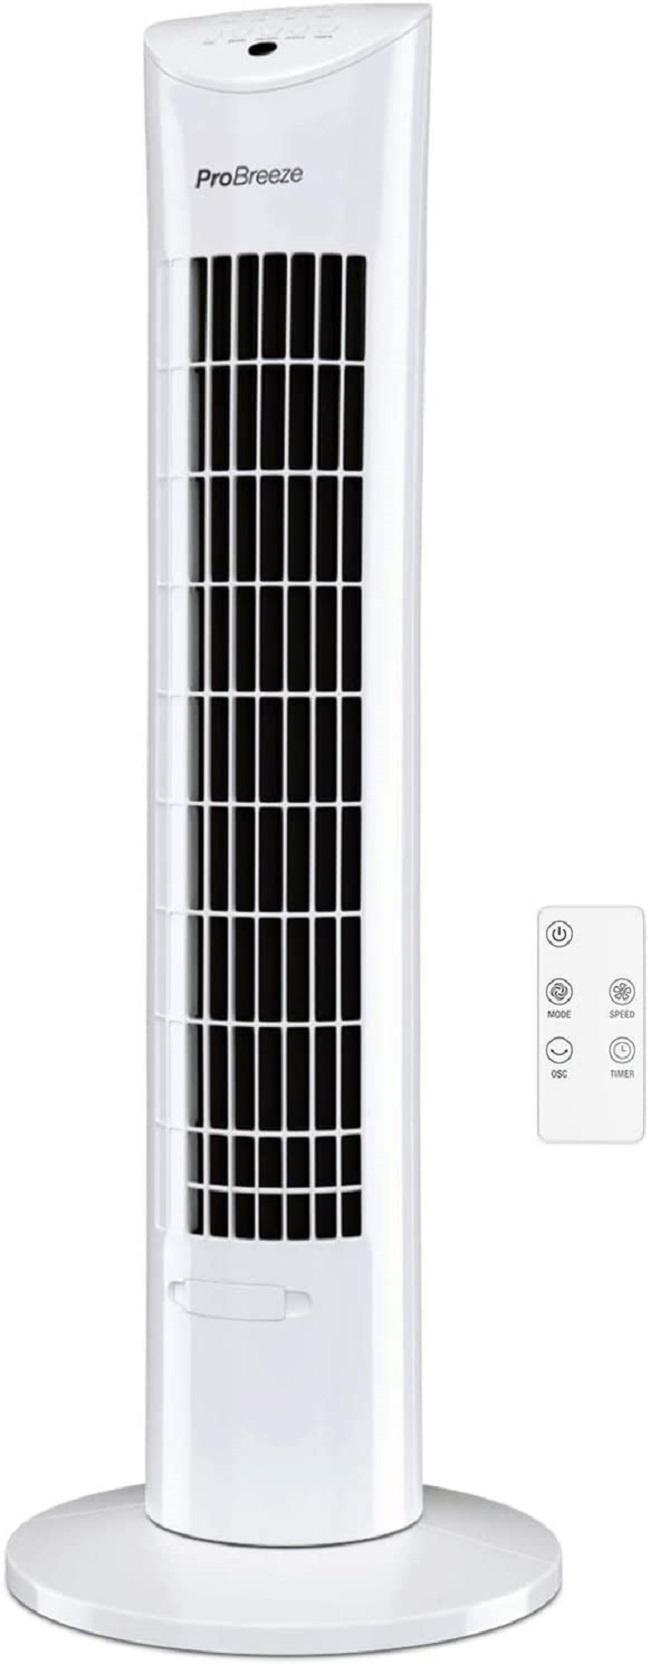 descripcion ventilador pro breeze